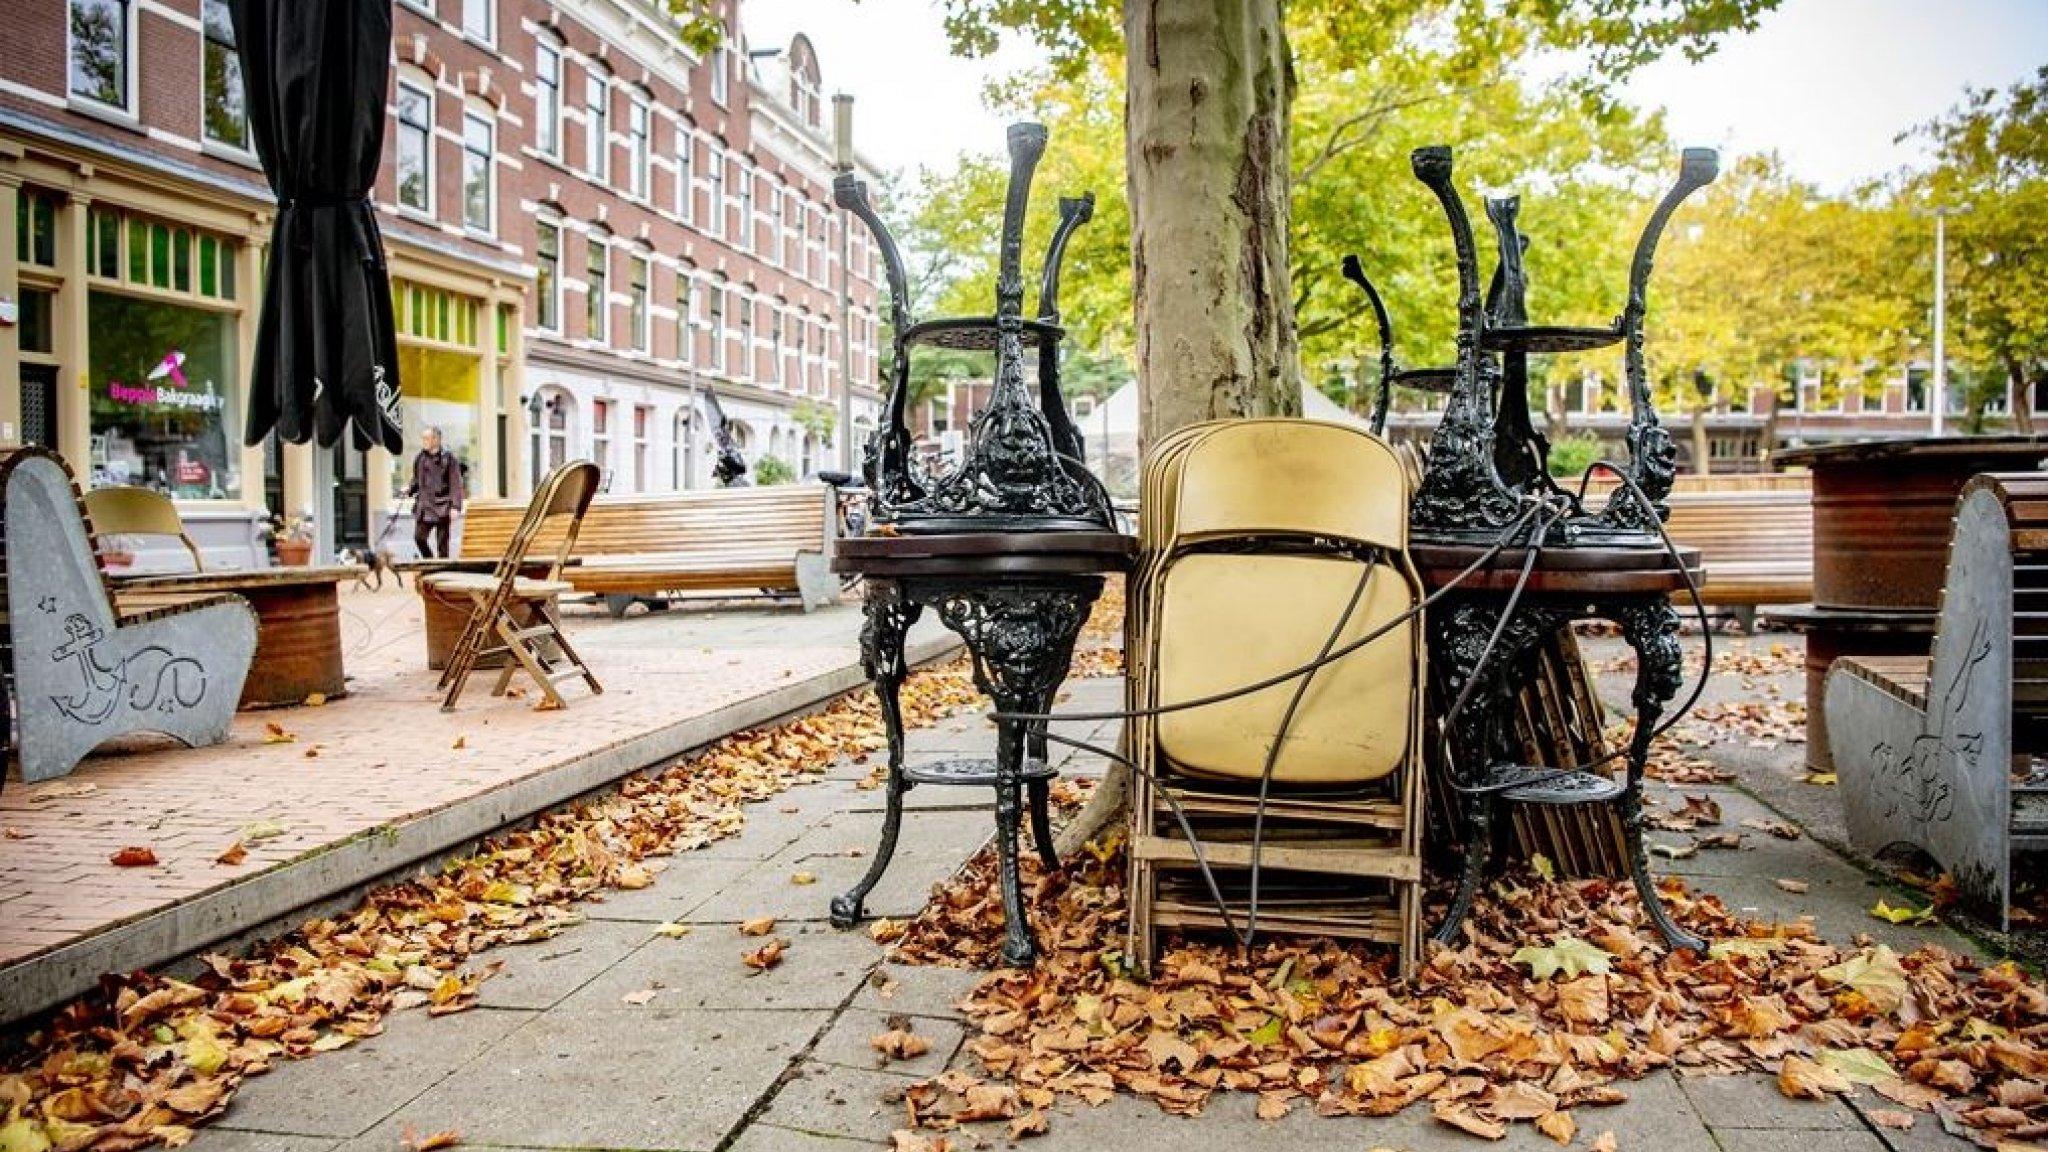 Noodlijdende horeca is witwaswalhalla voor criminelen: 'Met fout geld gered' - RTL Nieuws